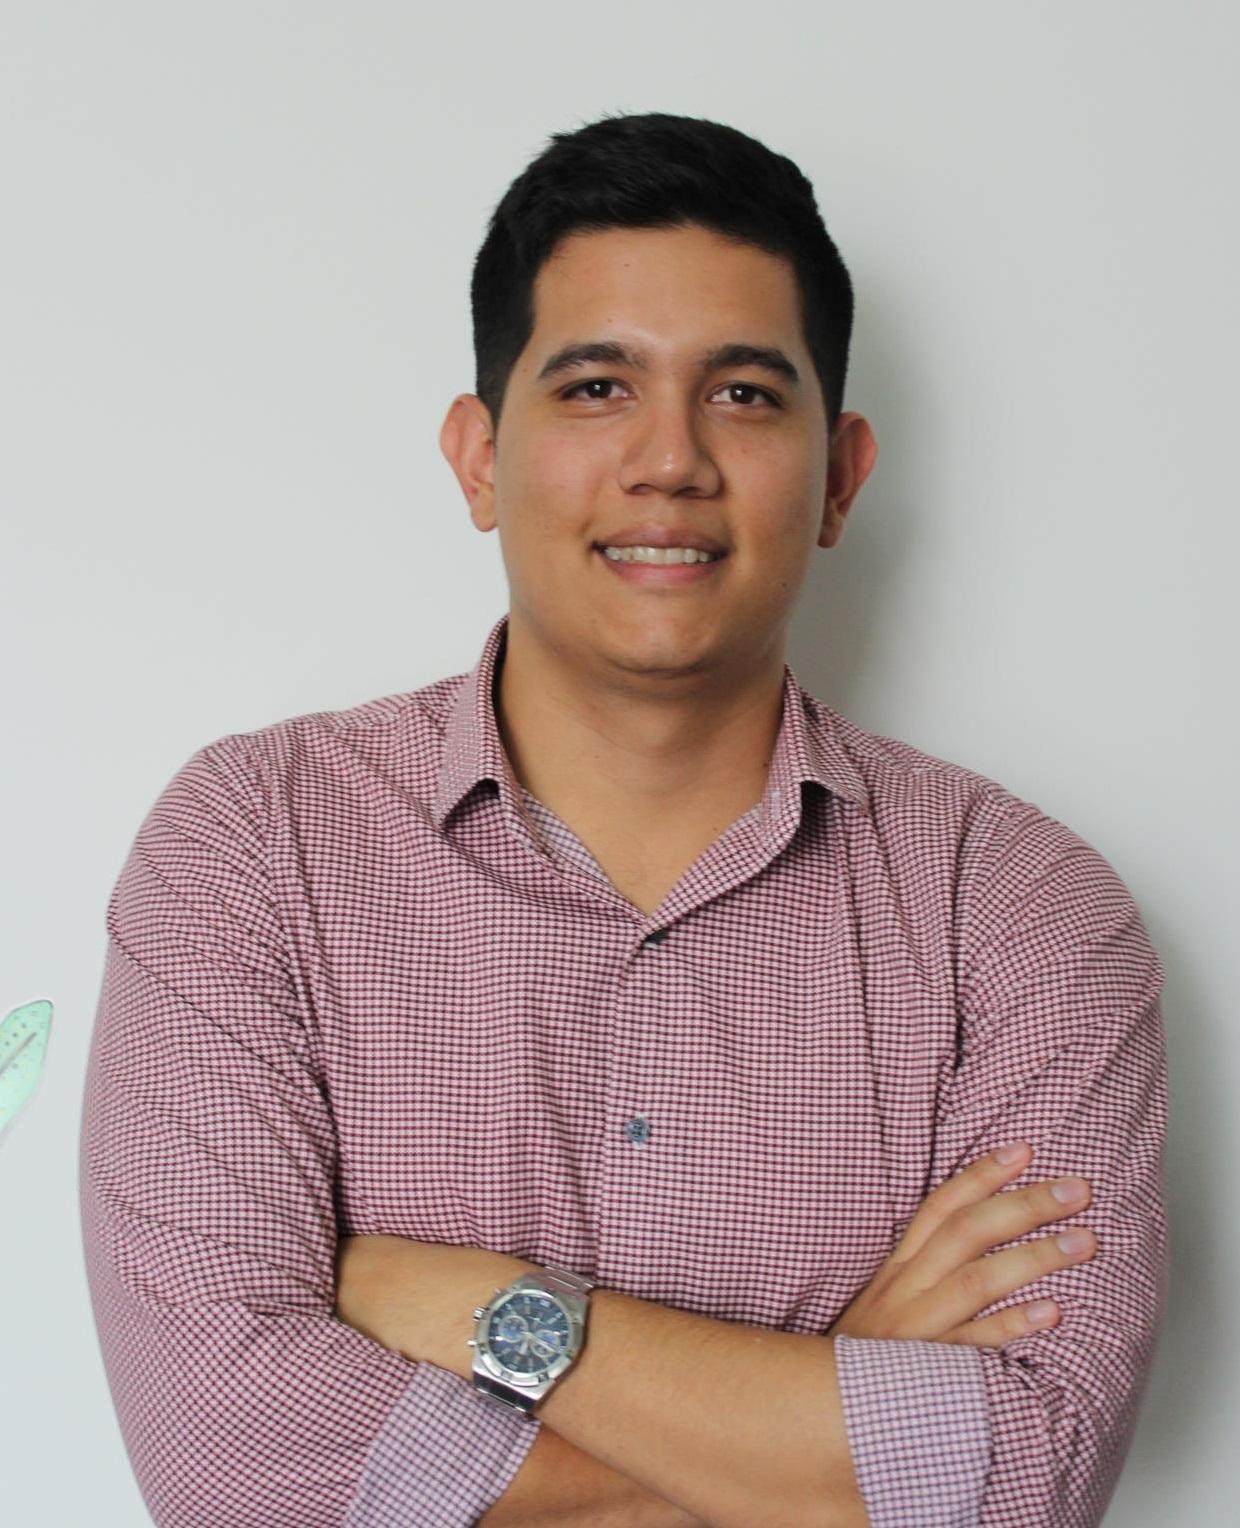 Kevin Ruano - Marketing Leader